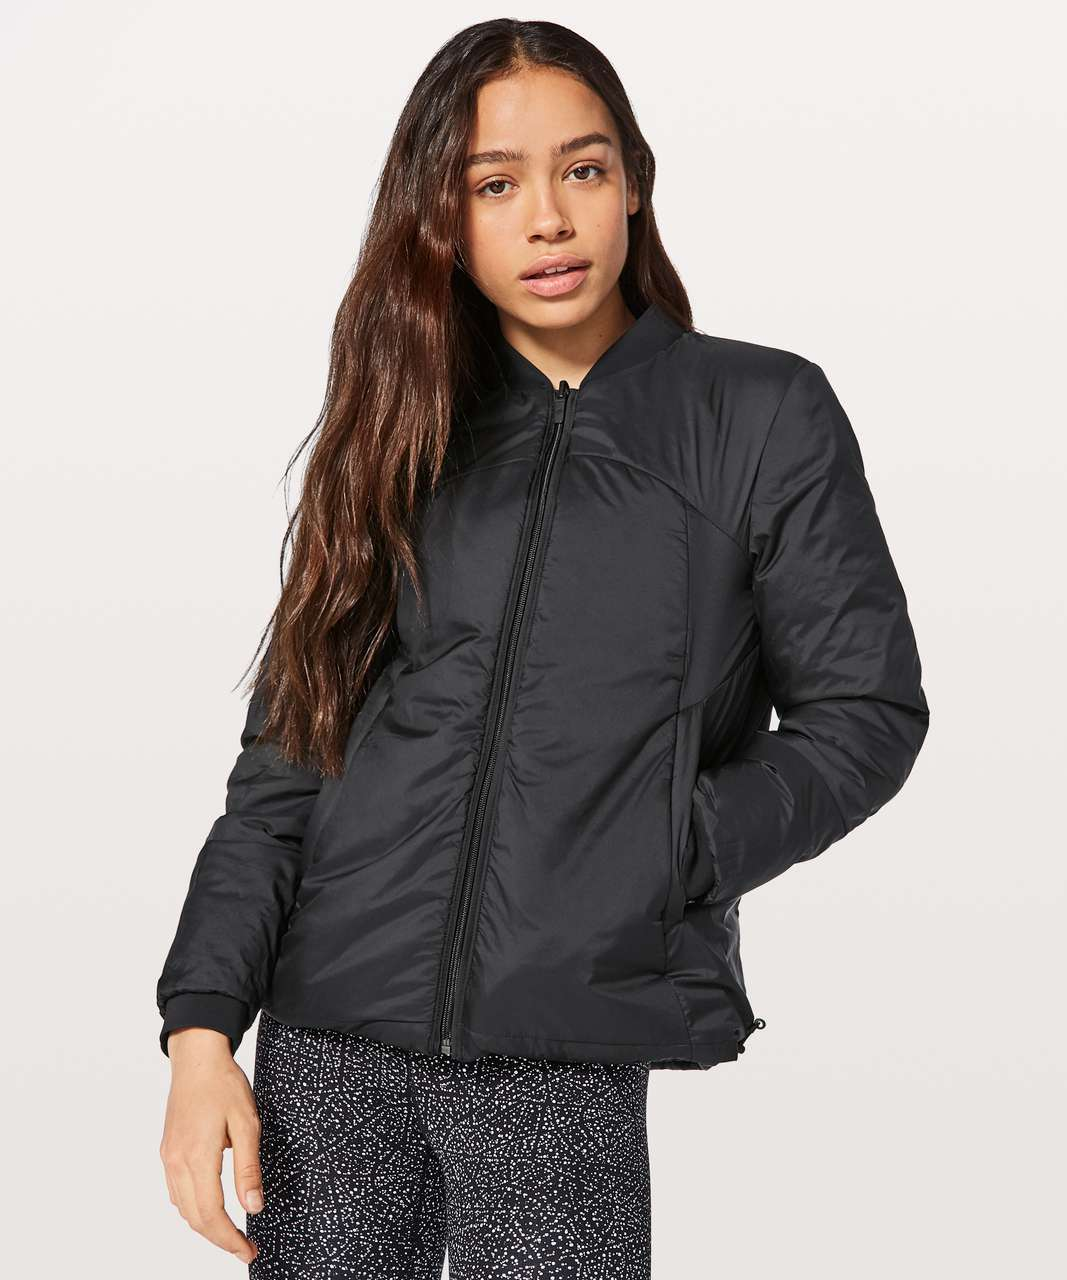 Lululemon Weightless Wunder Jacket - Black